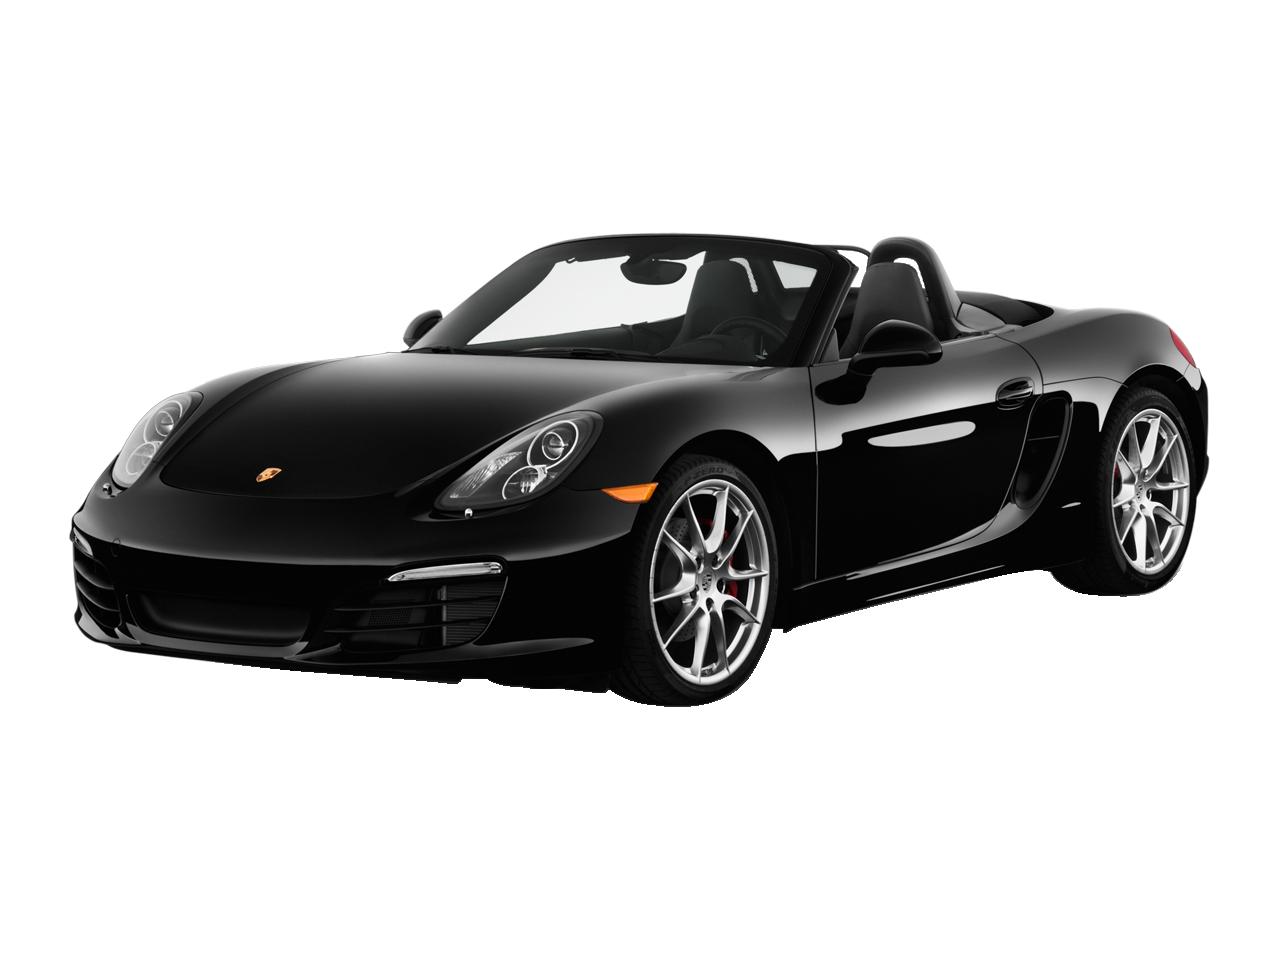 Porsche car PNG image - Porsche PNG